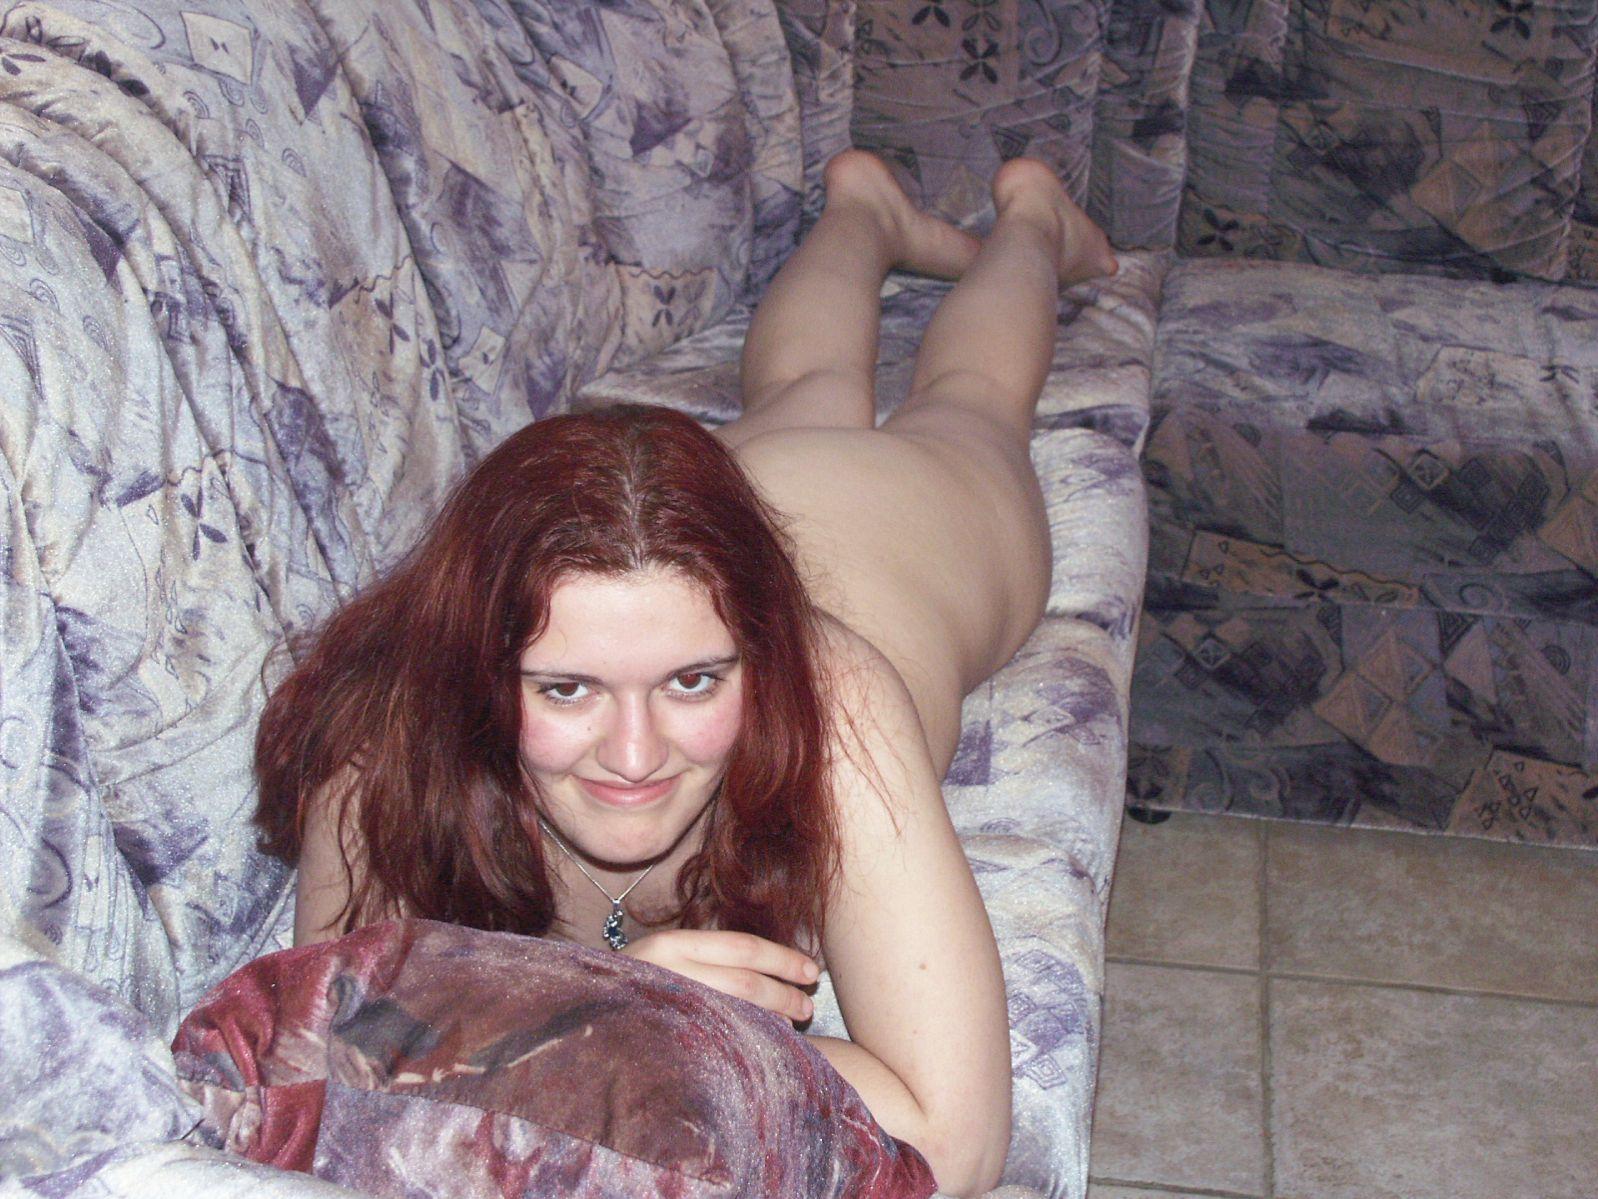 Kontakte für Sex Arnsbach